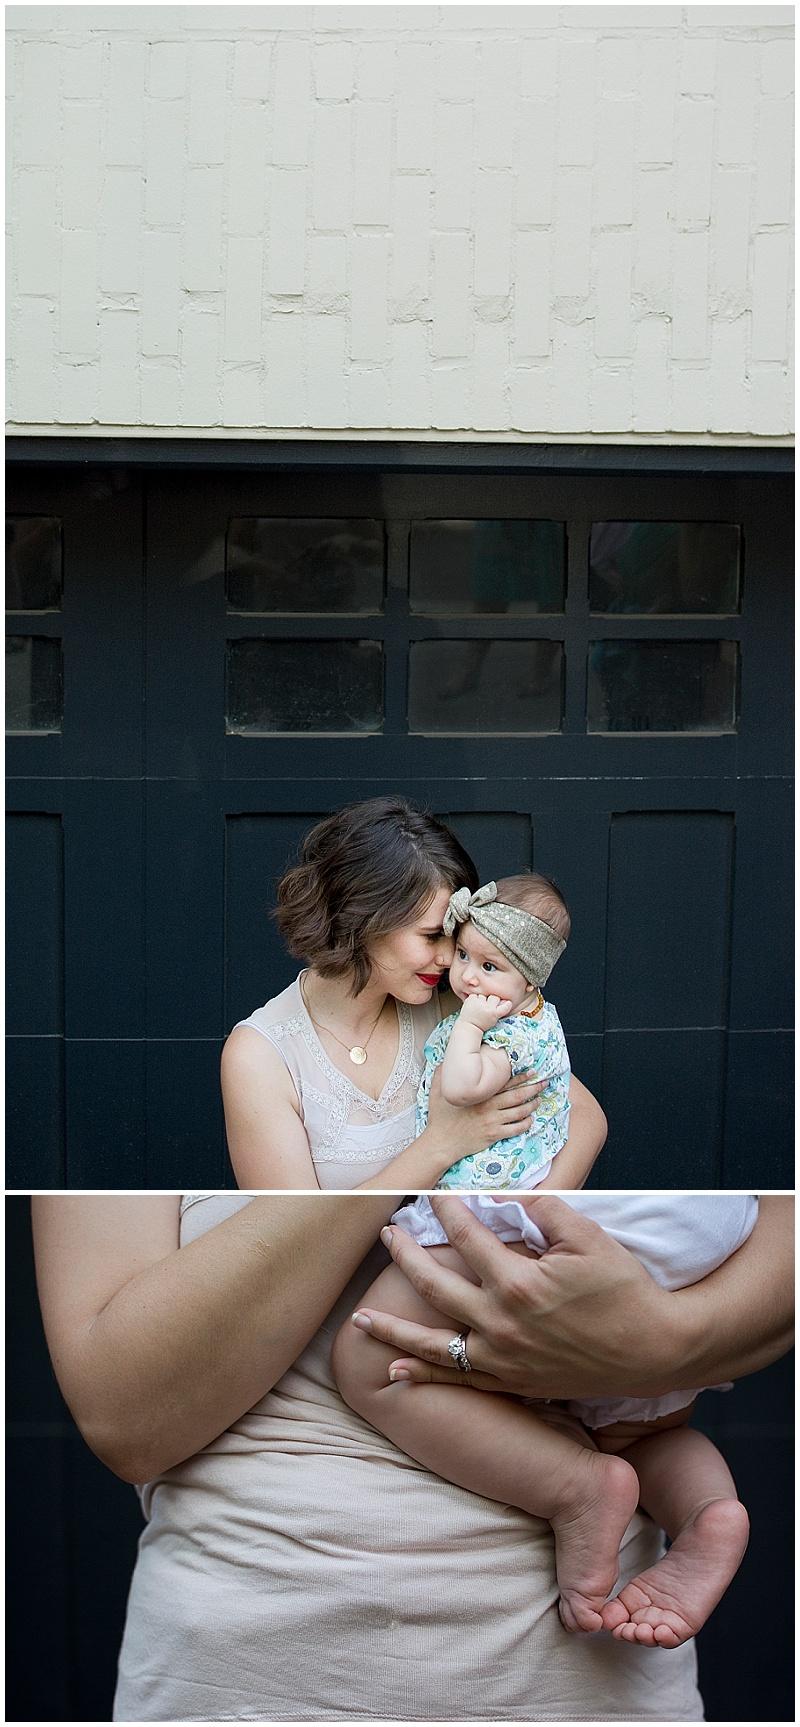 Parenthood_Brestfeeding_Pagano_Workshop_Nicoleinbold04.jpg